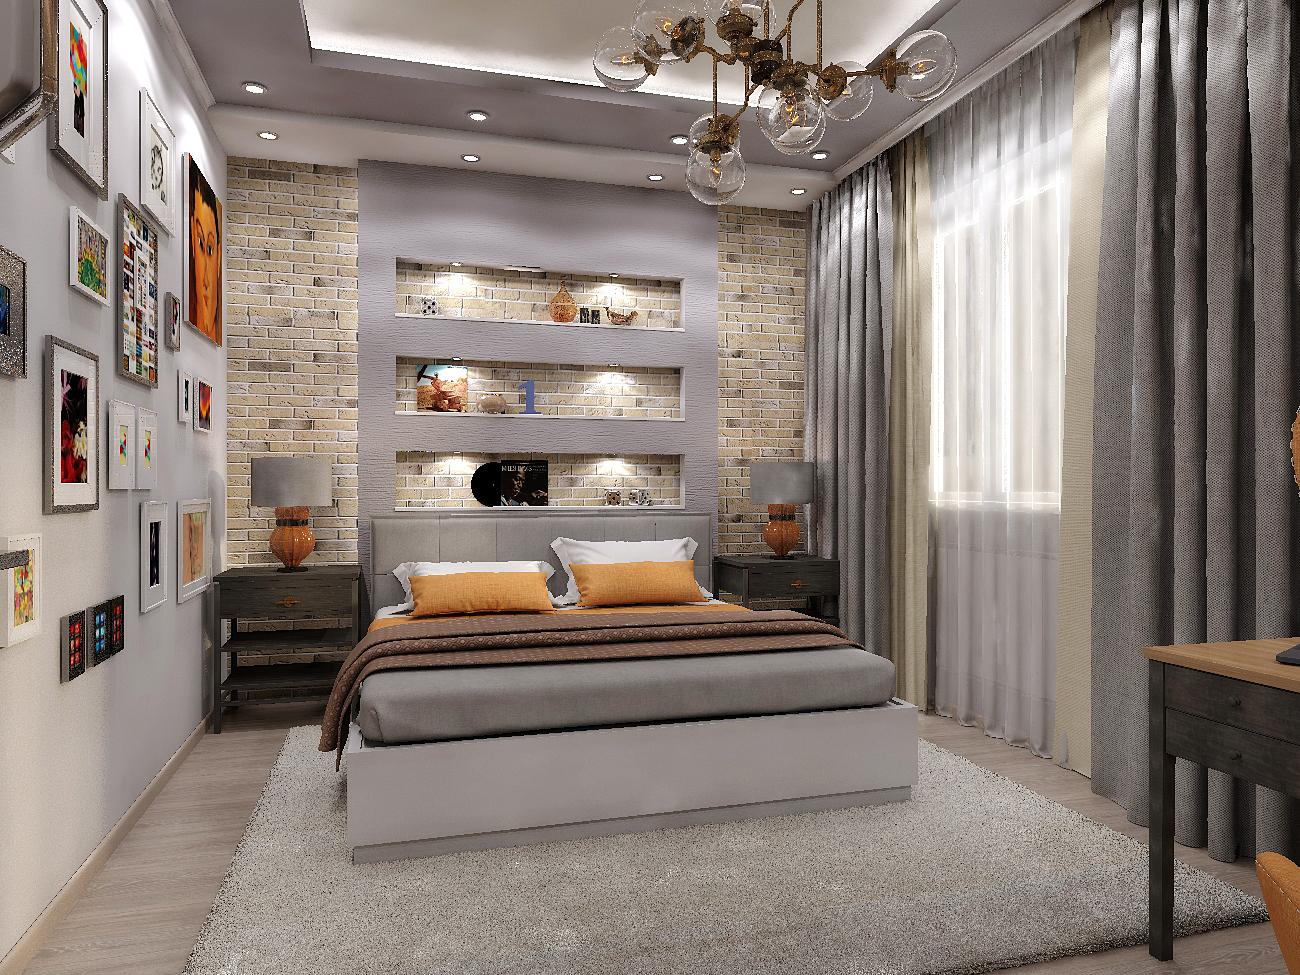 я дизака дизайн интерьера и архитектура дизайн спальни в стиле лофт